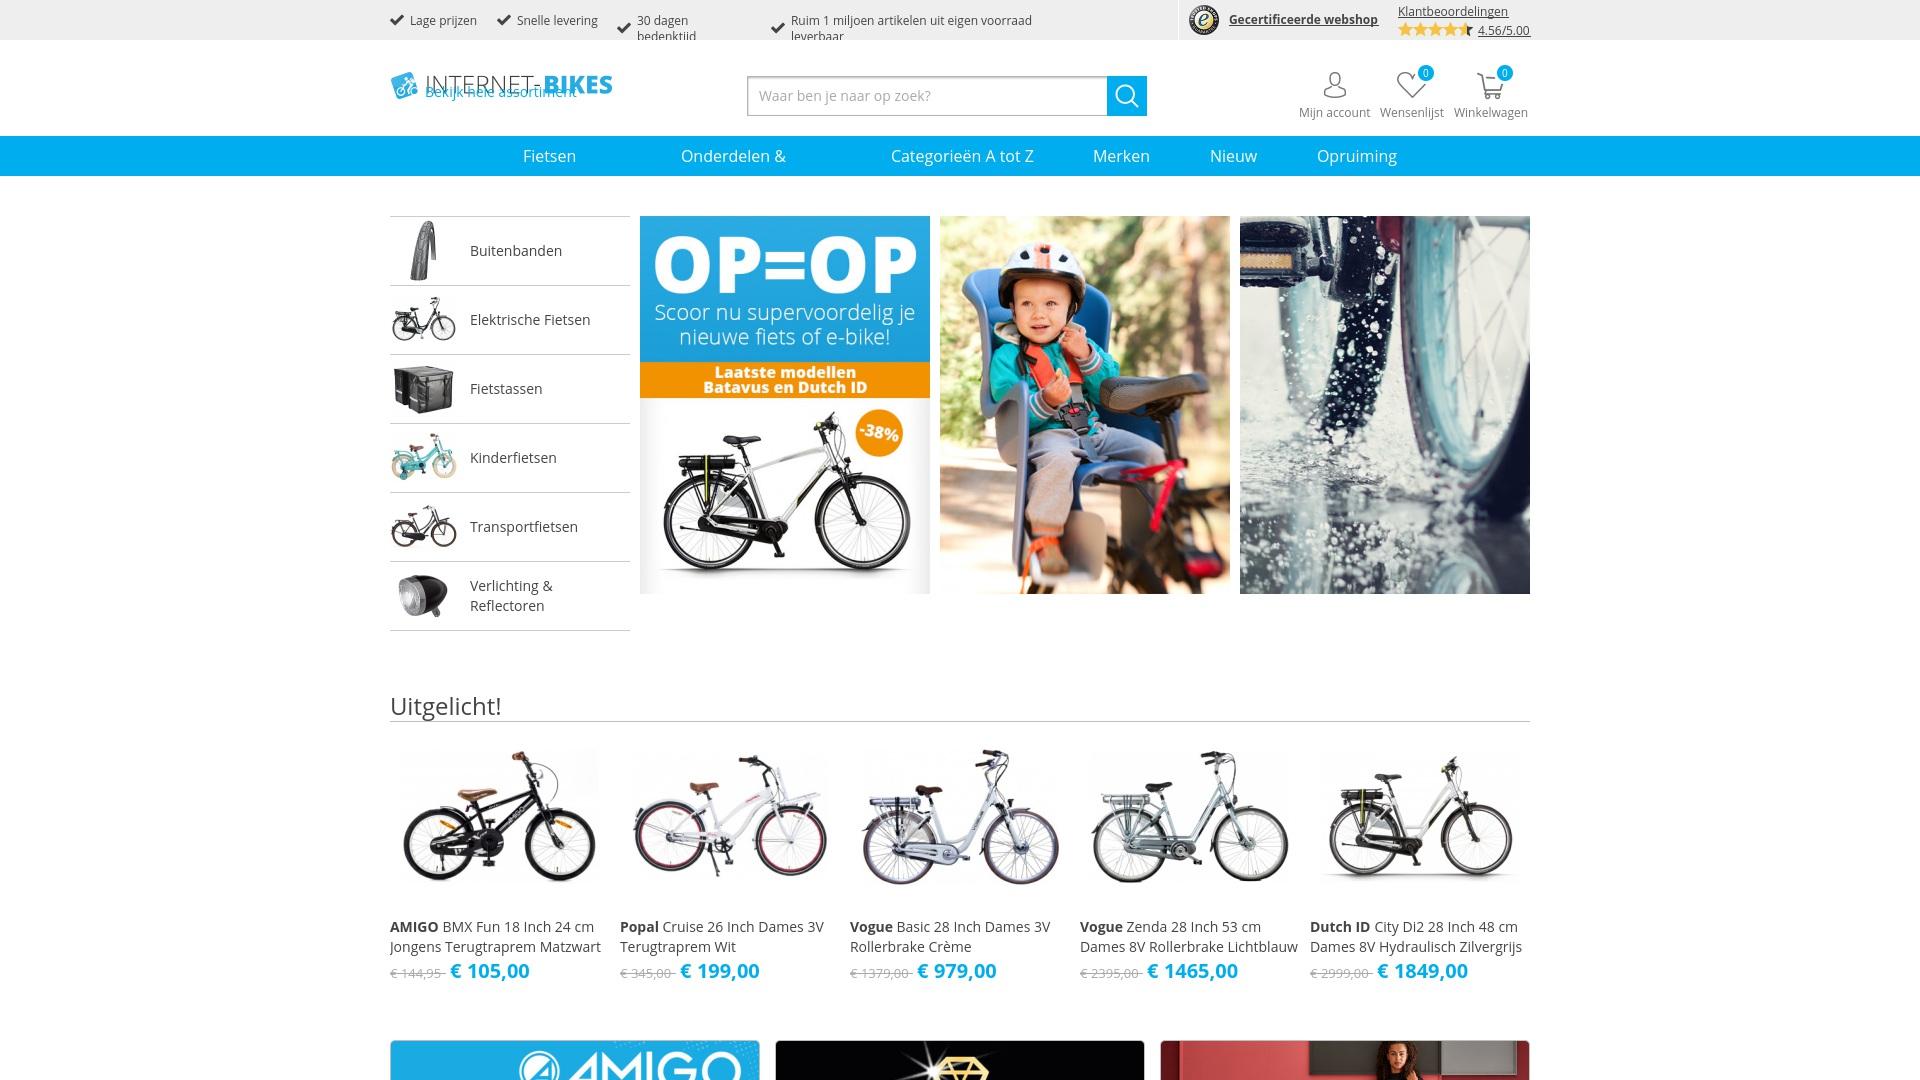 Gutschein für Internet-bikes: Rabatte für  Internet-bikes sichern